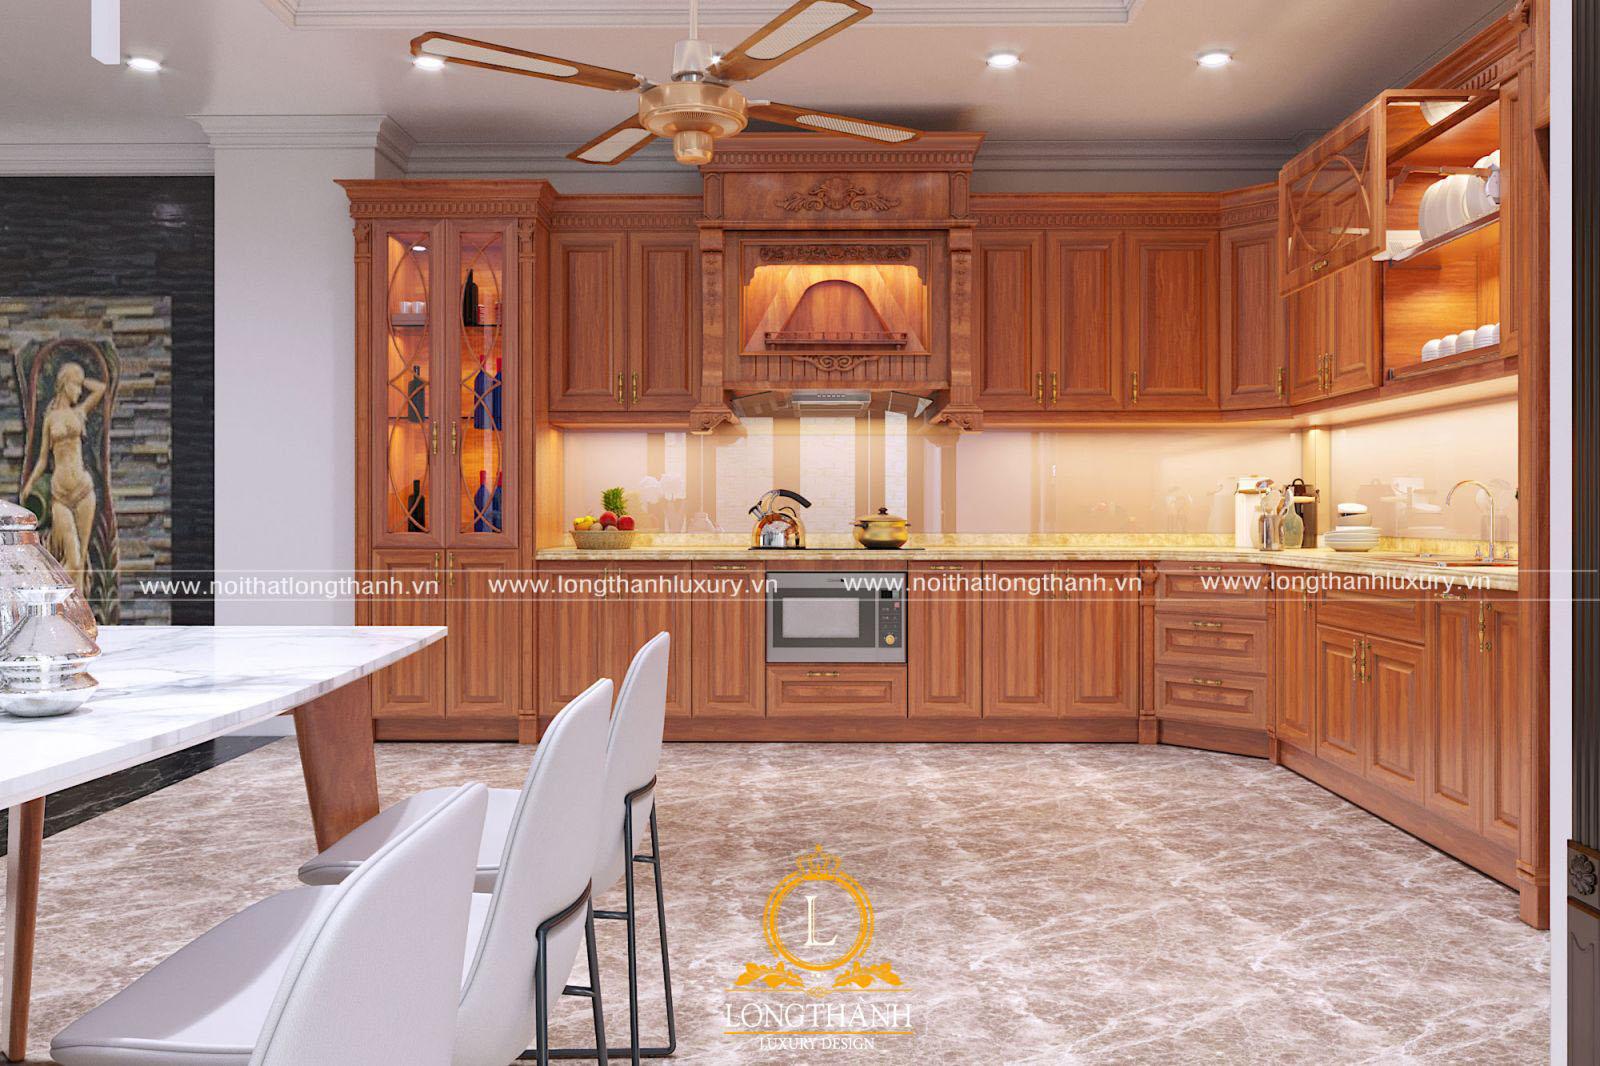 Không gian tủ bếp gỗ tự nhiên sang trọng và tinh tế